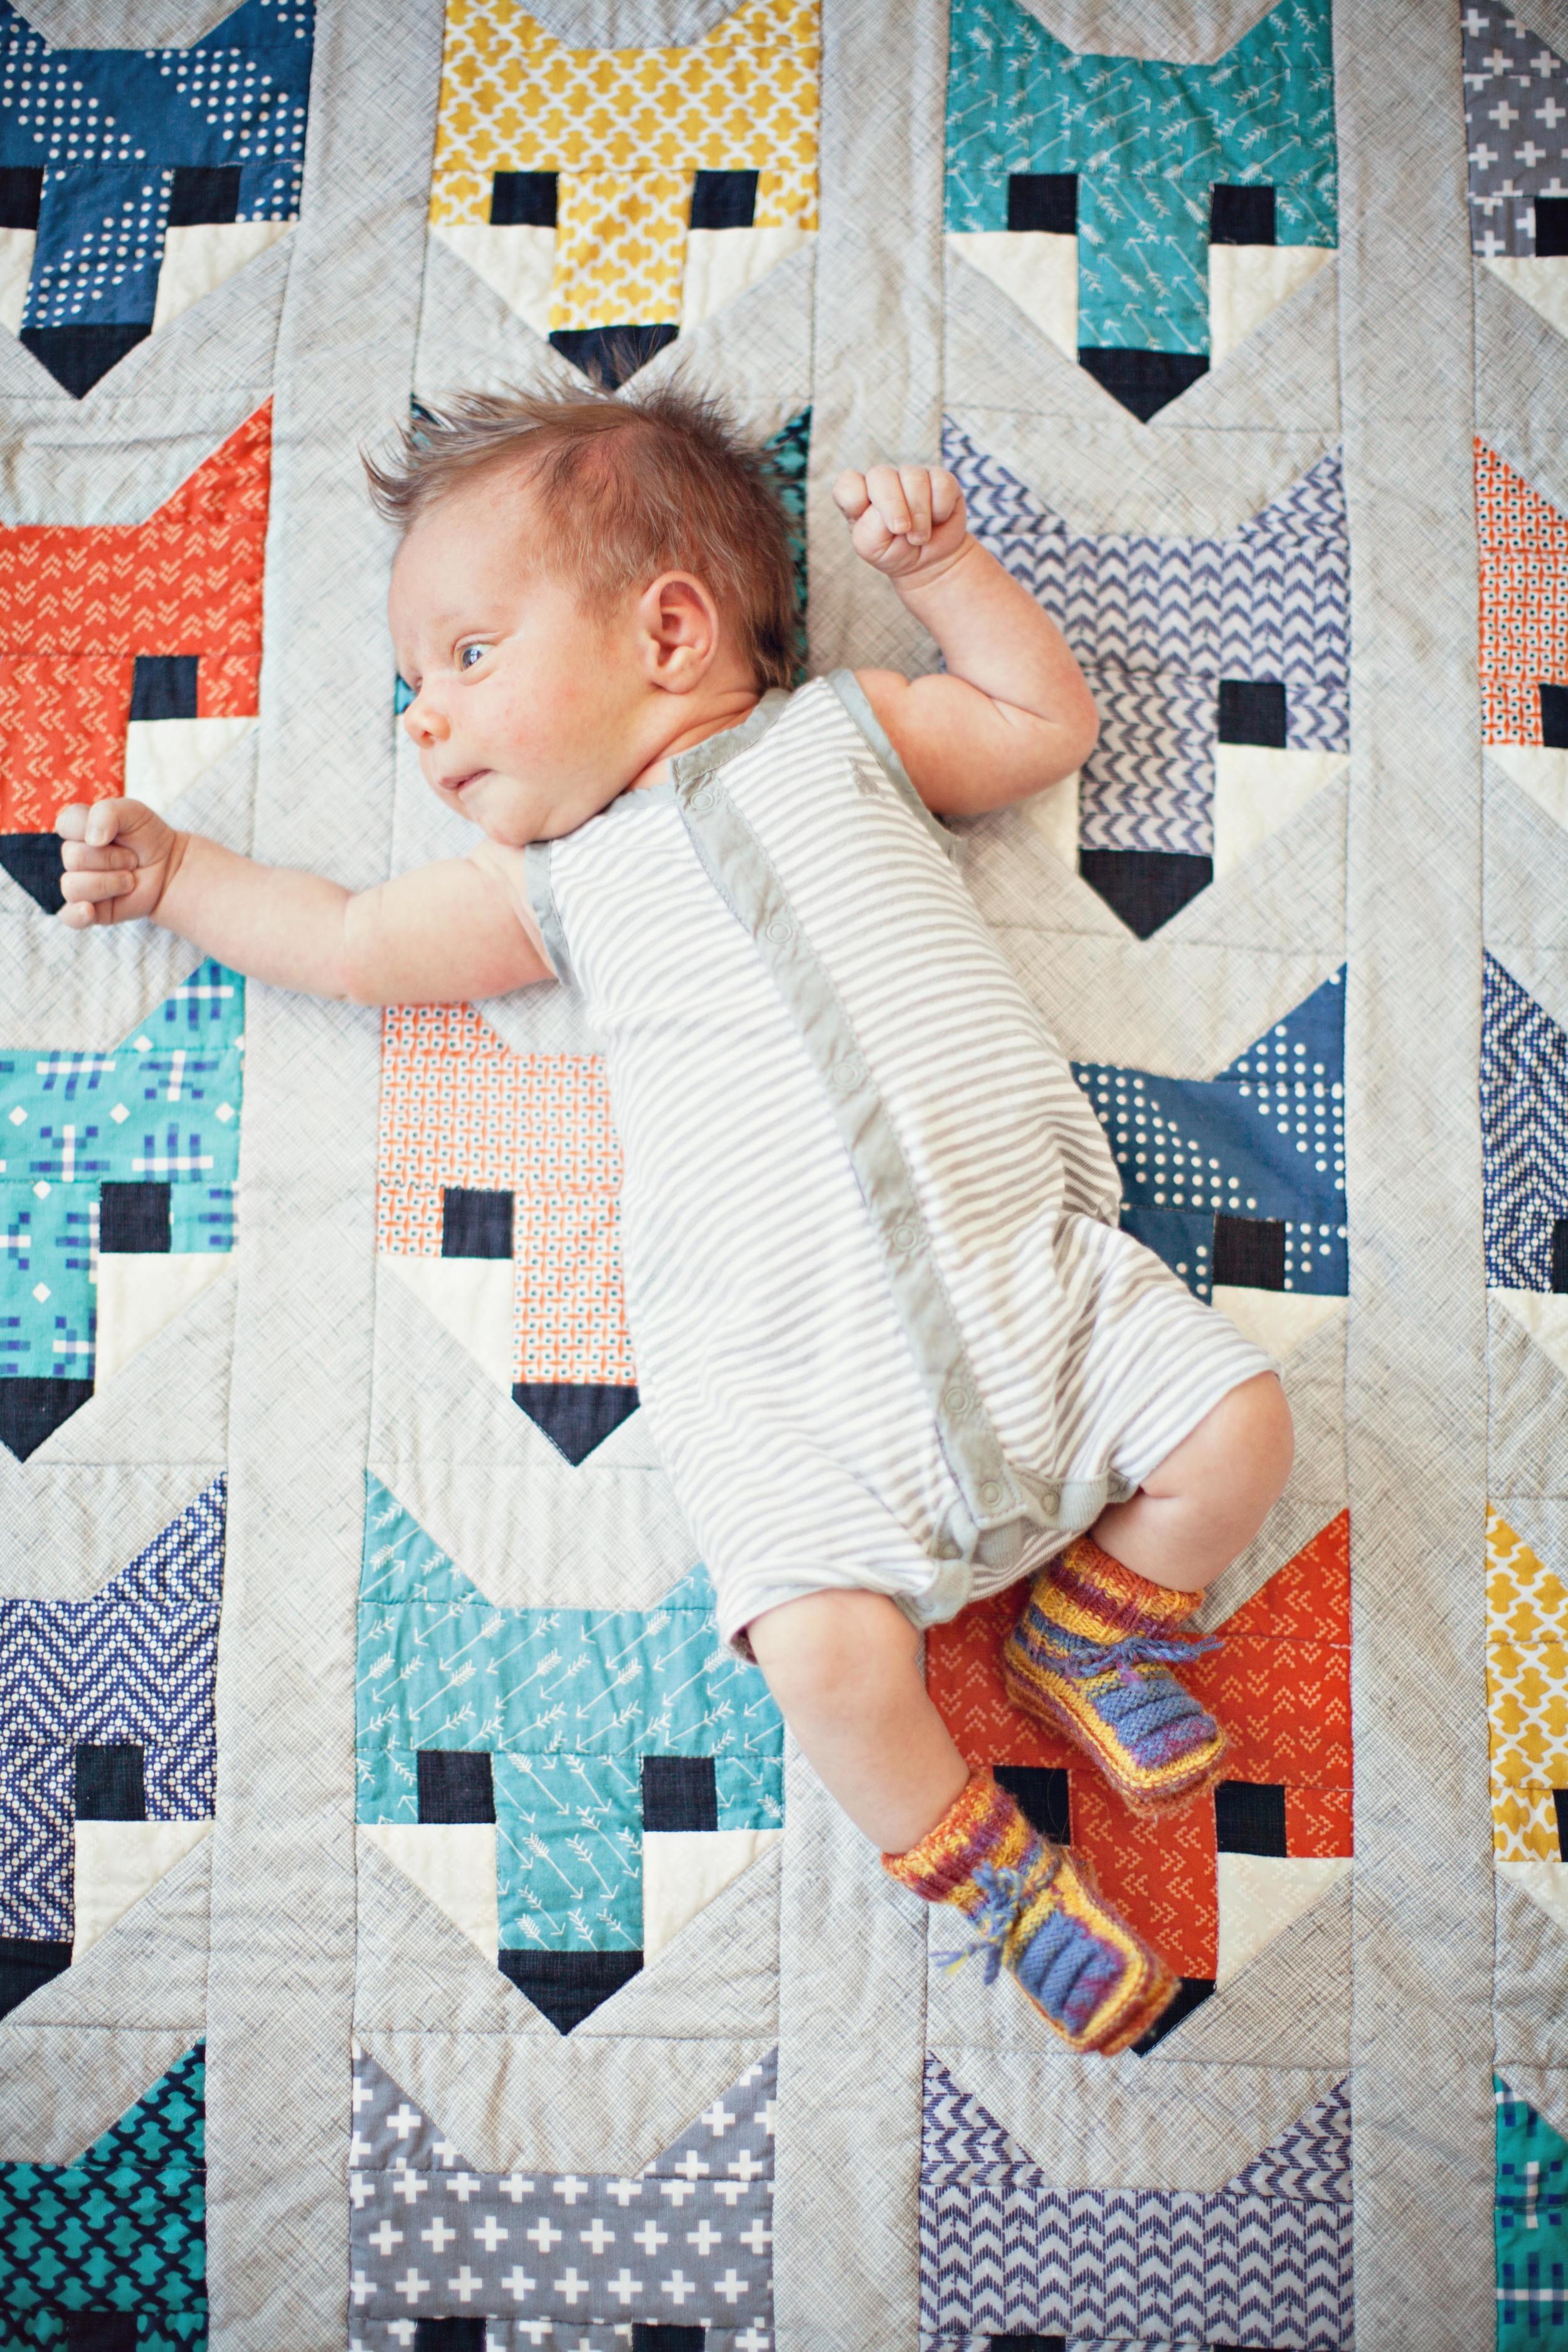 baby rush + bea_150626_0053_1_1blog.jpg